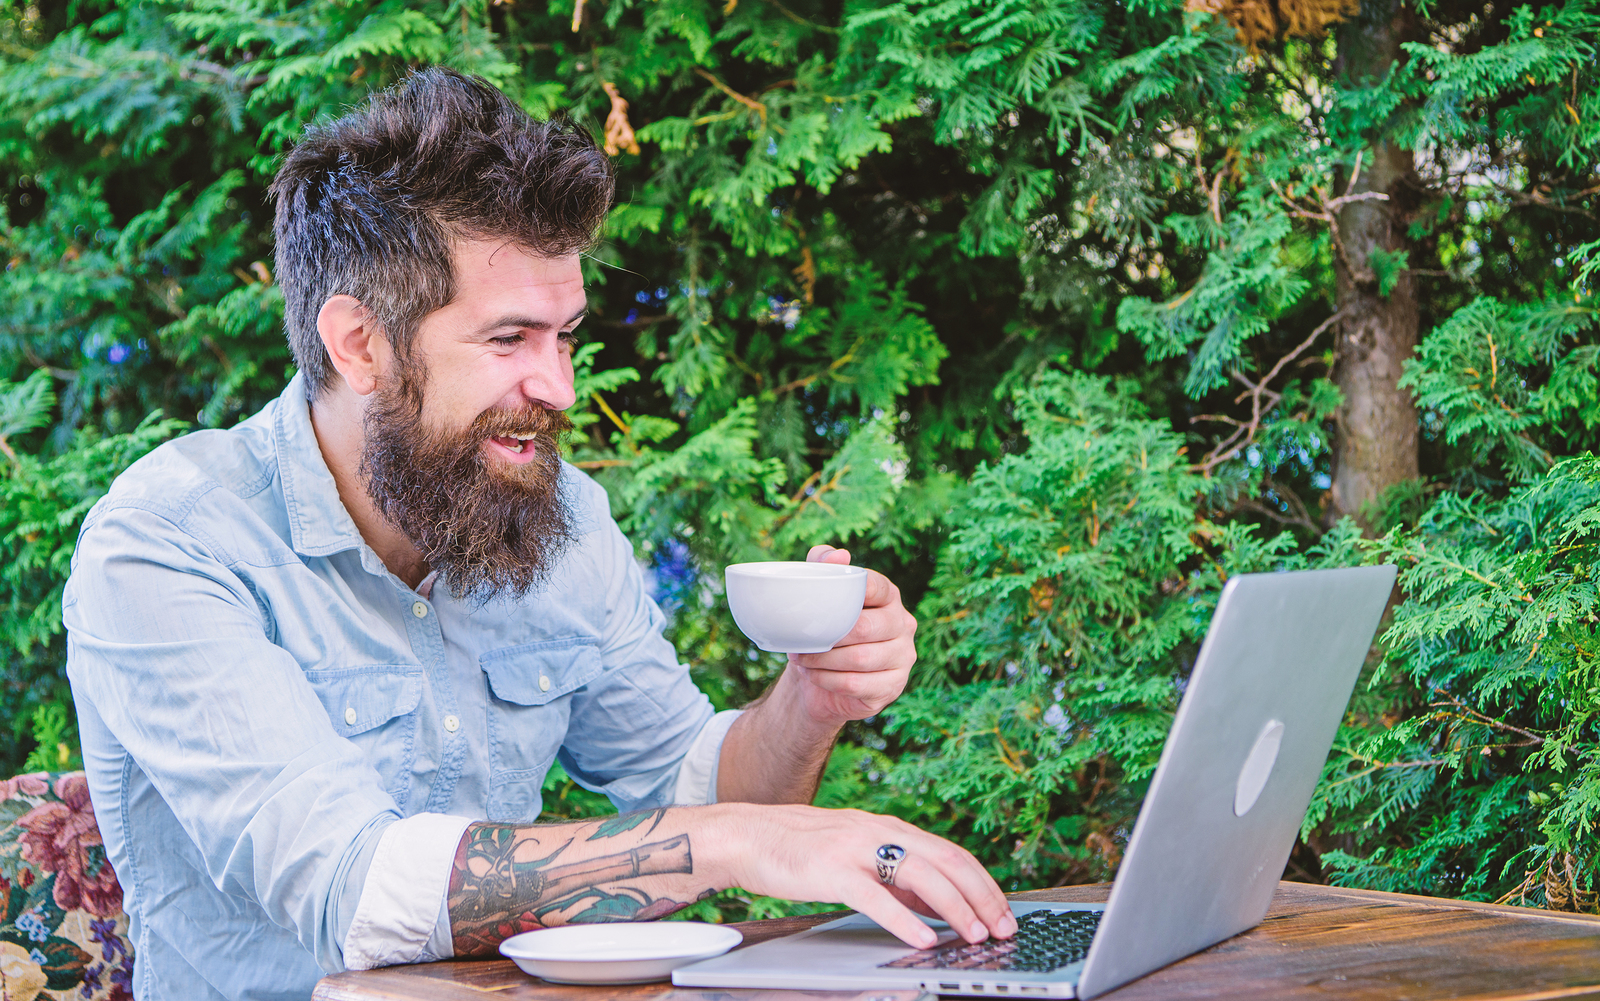 Grindtime: The Best Side Hustles of 2020